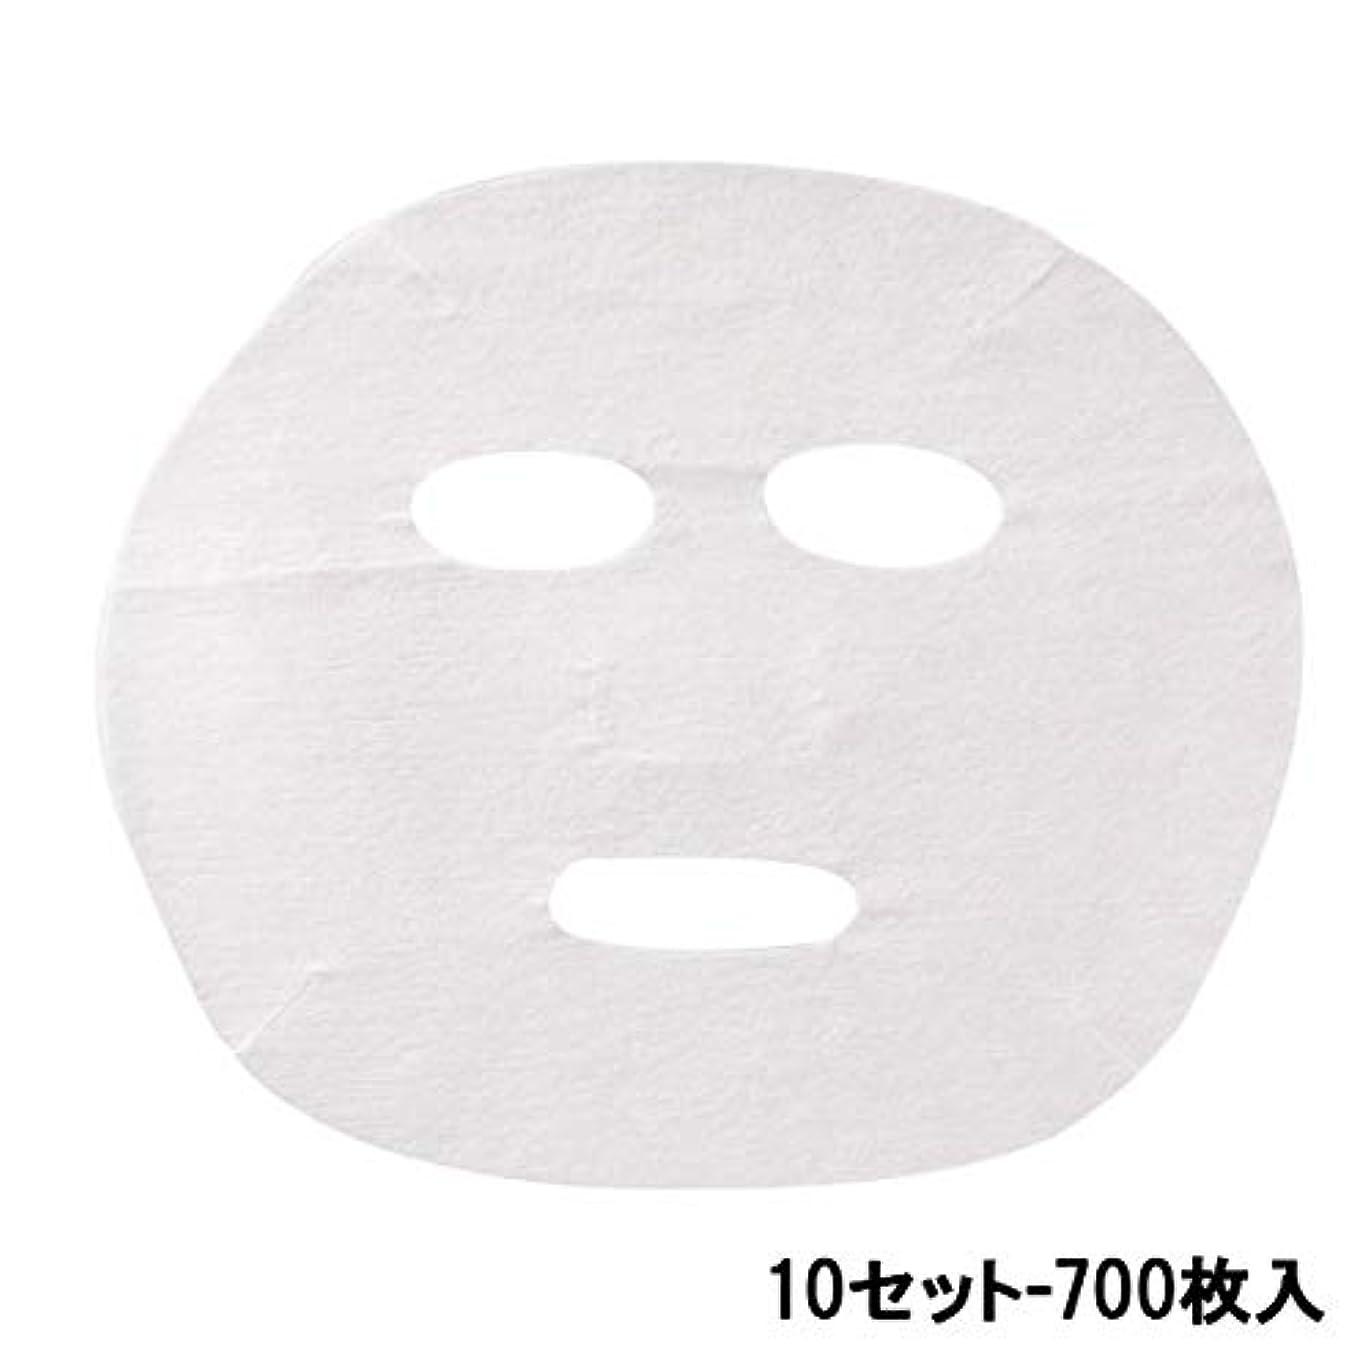 フィードバックロマンチック同一性フェイシャルシート (薄手タイプ) 70枚入 22.5×18.5cm (10セット-700枚入) [ フェイスマスク フェイスシート フェイスパック フェイシャルマスク フェイシャルパック ローションマスク ローションパック...